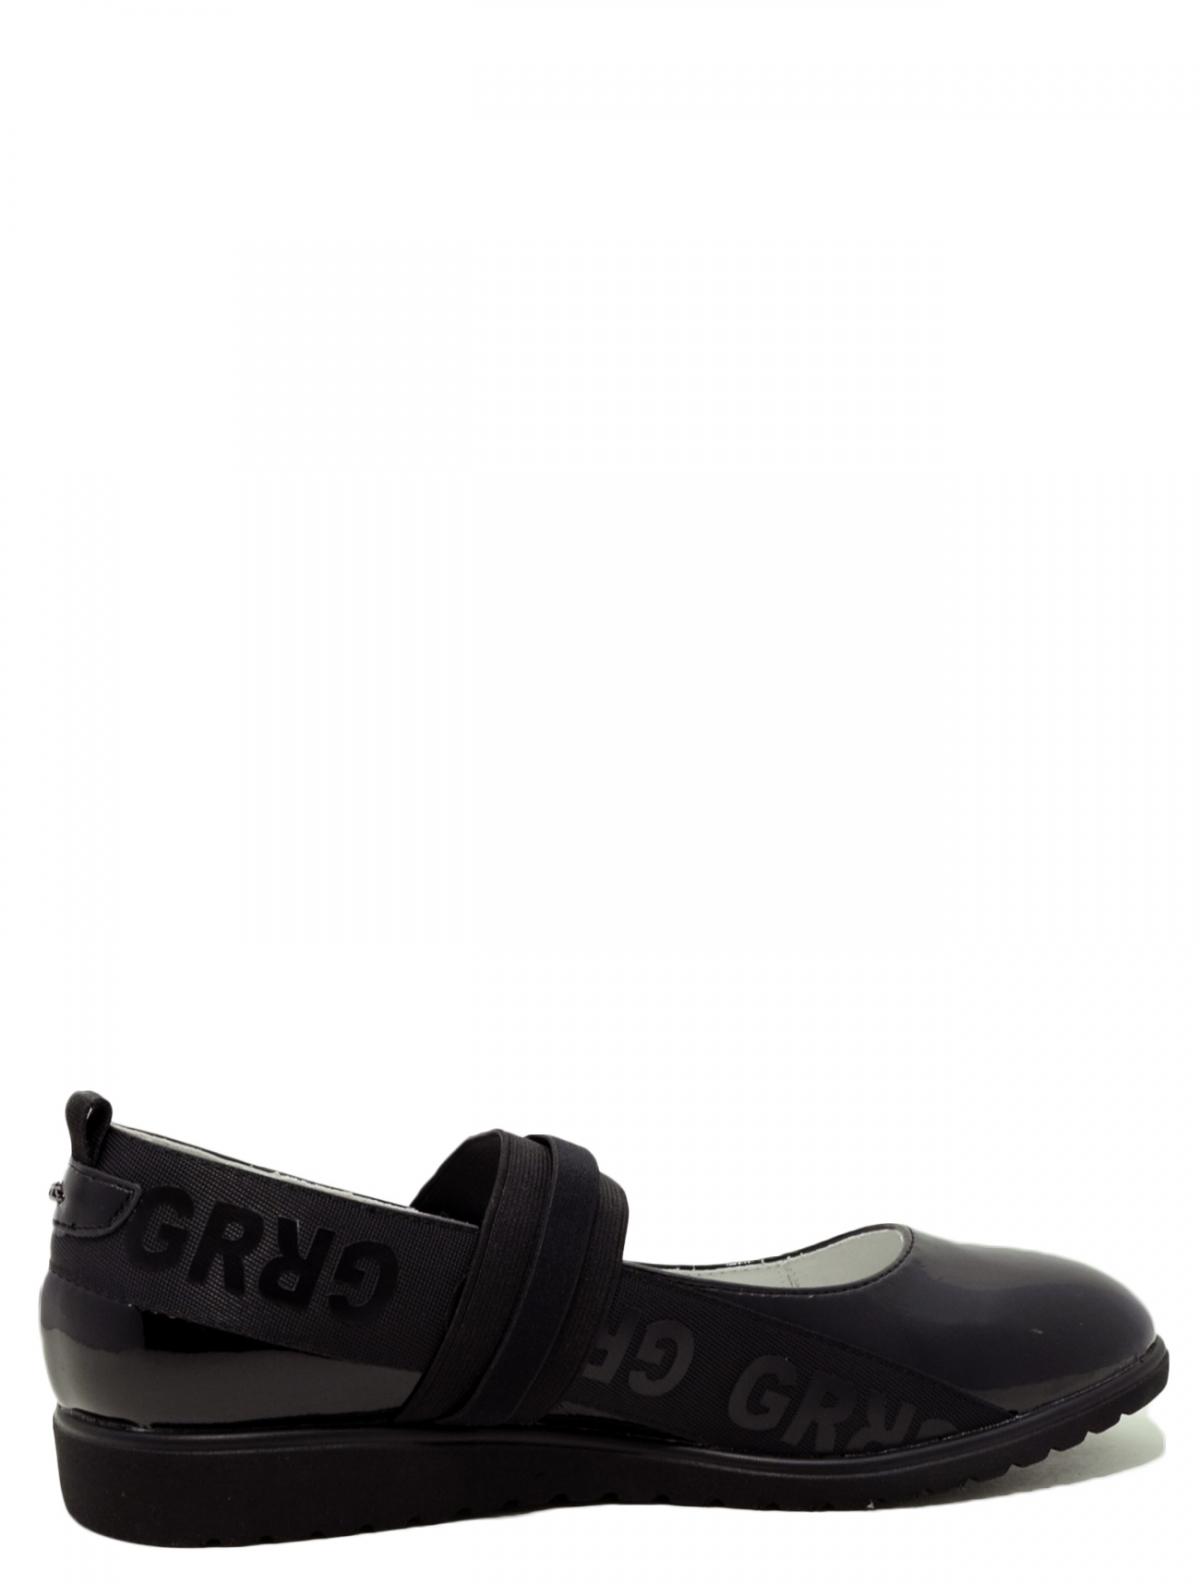 Betsy 908323/01-01 туфли для девочки